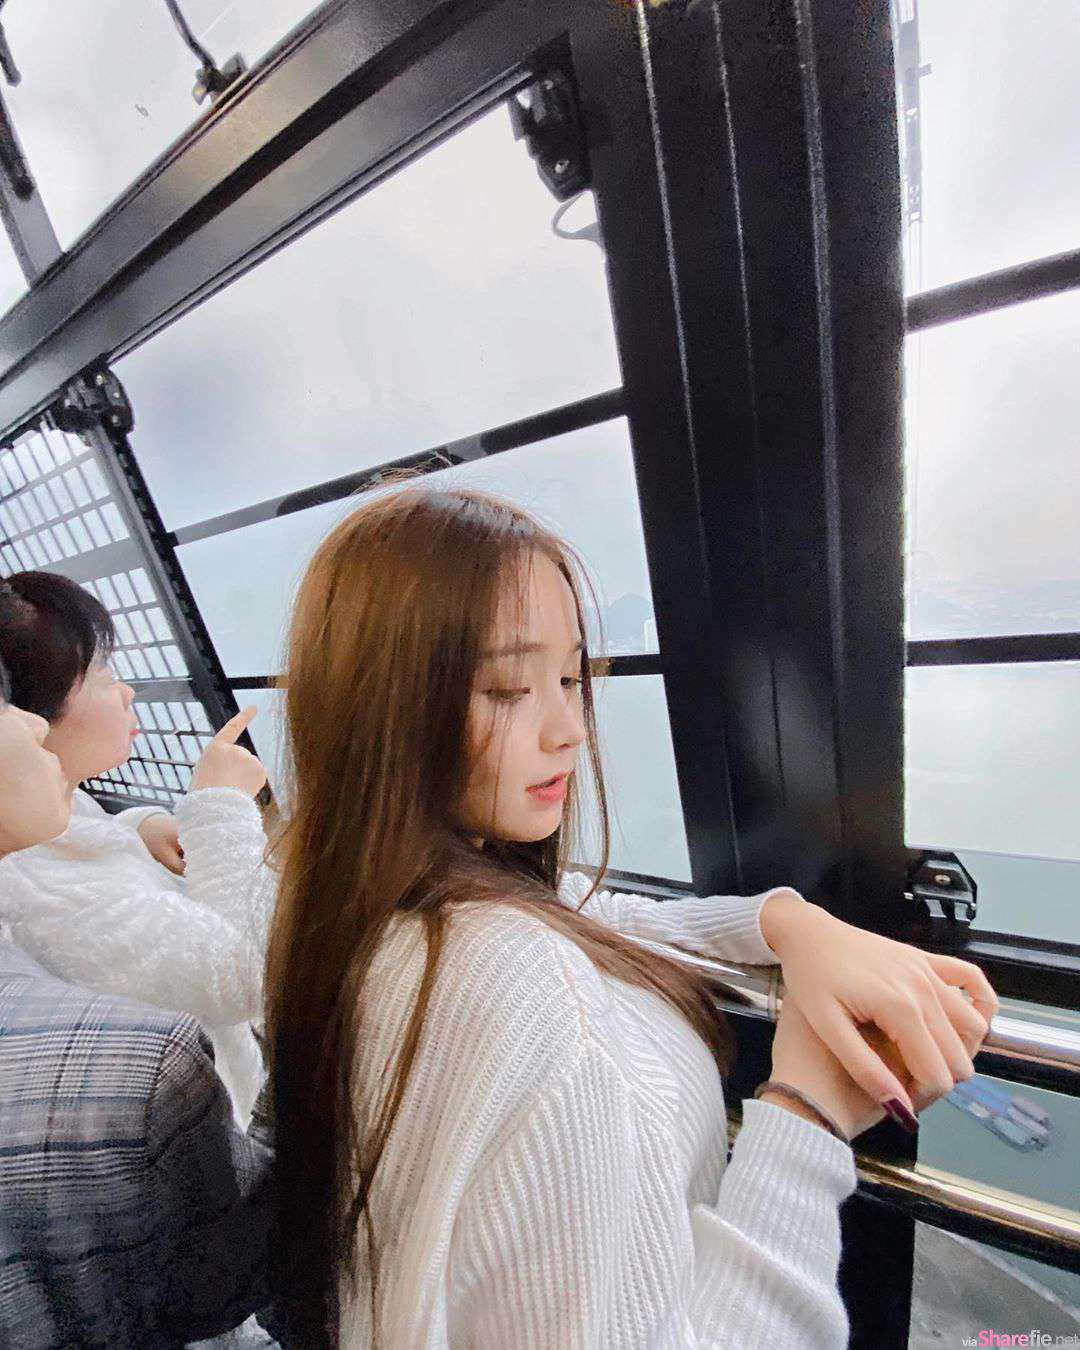 泰国学生正妹,一转身甜美模样迷倒万千